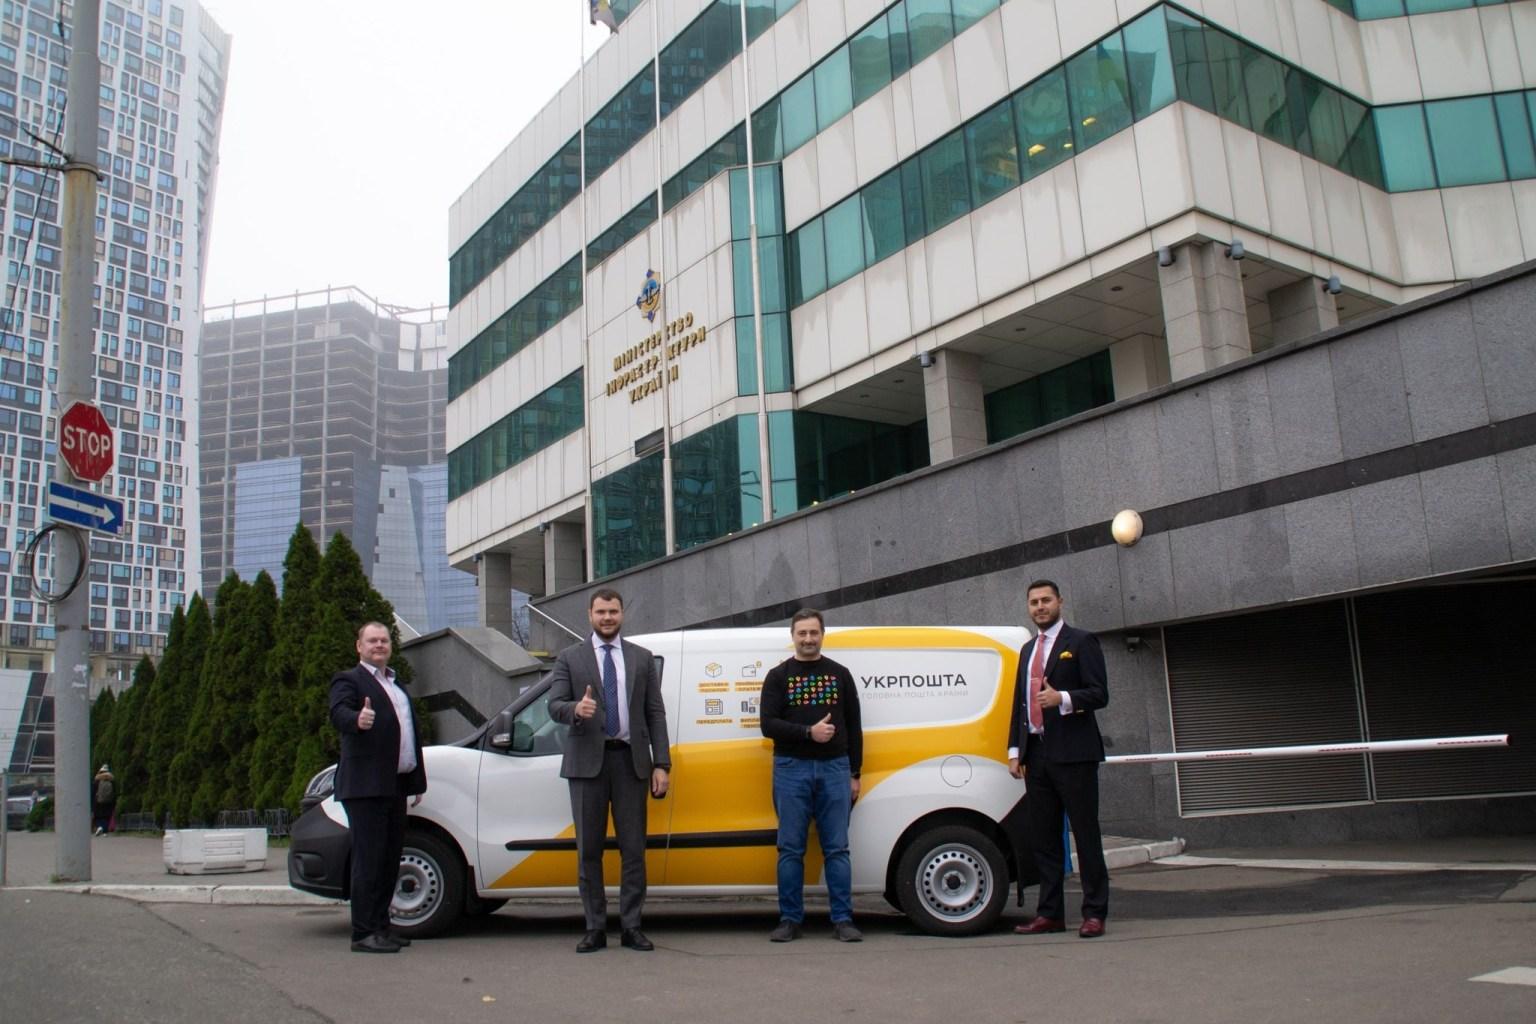 «Укрпошта» и ЕБРР подписали кредитное соглашение на 63 млн евро — деньги пойдут на строительство новых сортировочных центров и покупку 1900 автомобилей для мобильных почтовых отделений